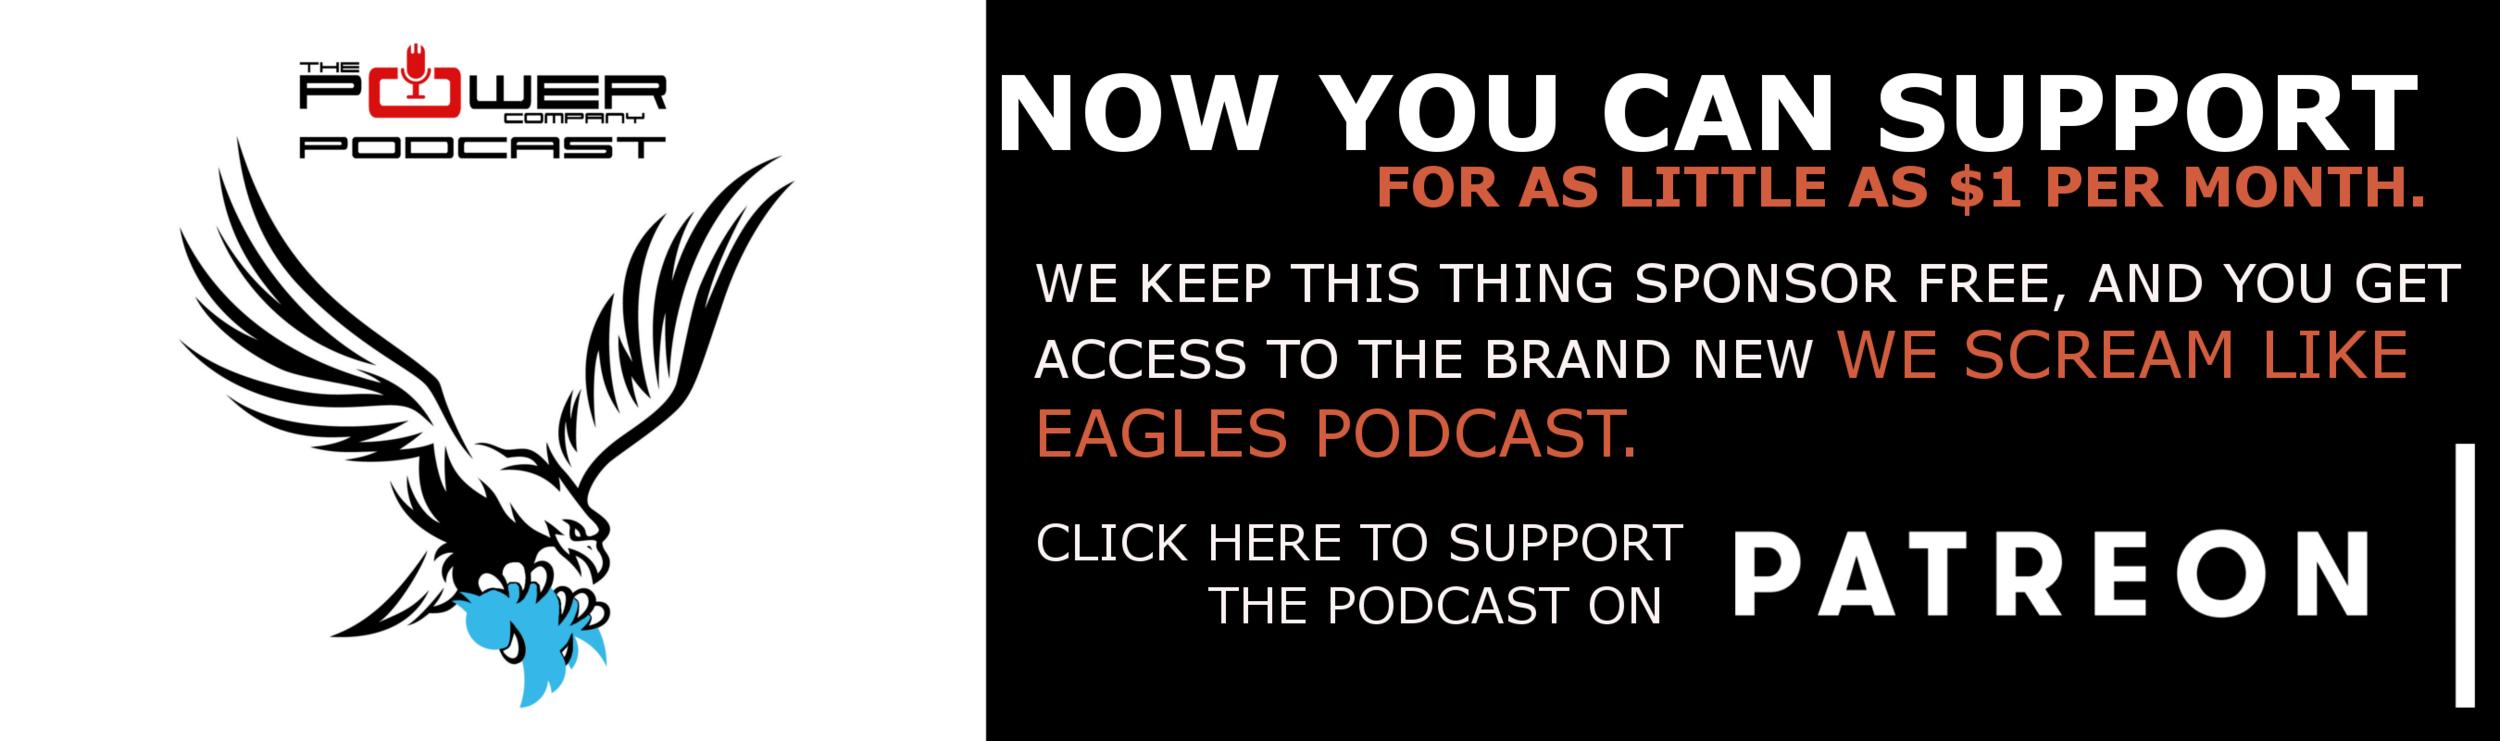 www.patreon.com/powercompanypodcast